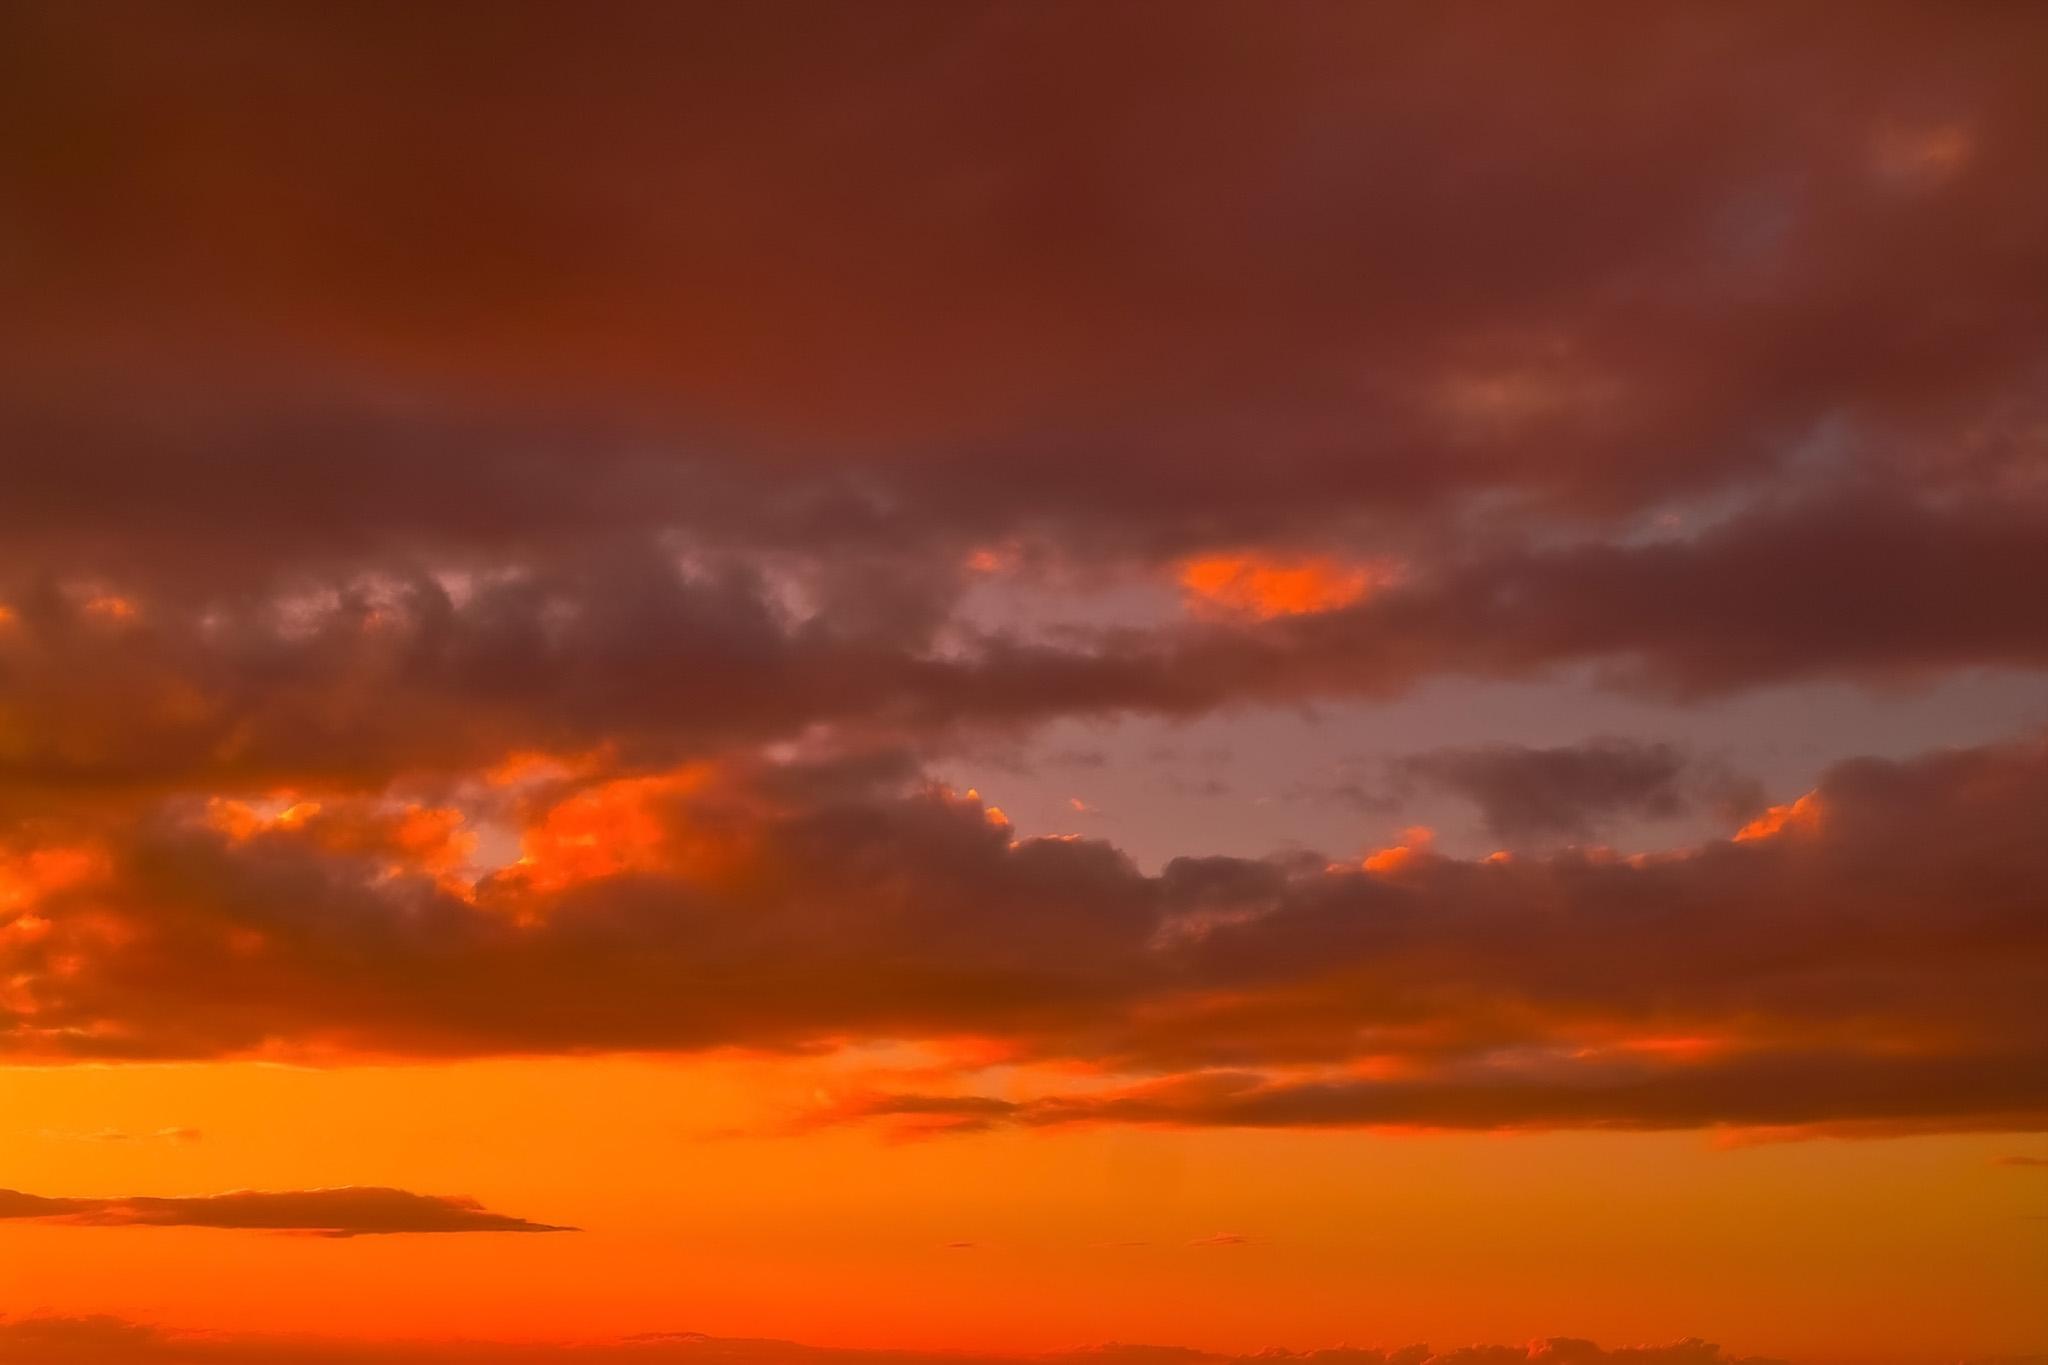 「夕焼けの空を温かい陽が照らす」